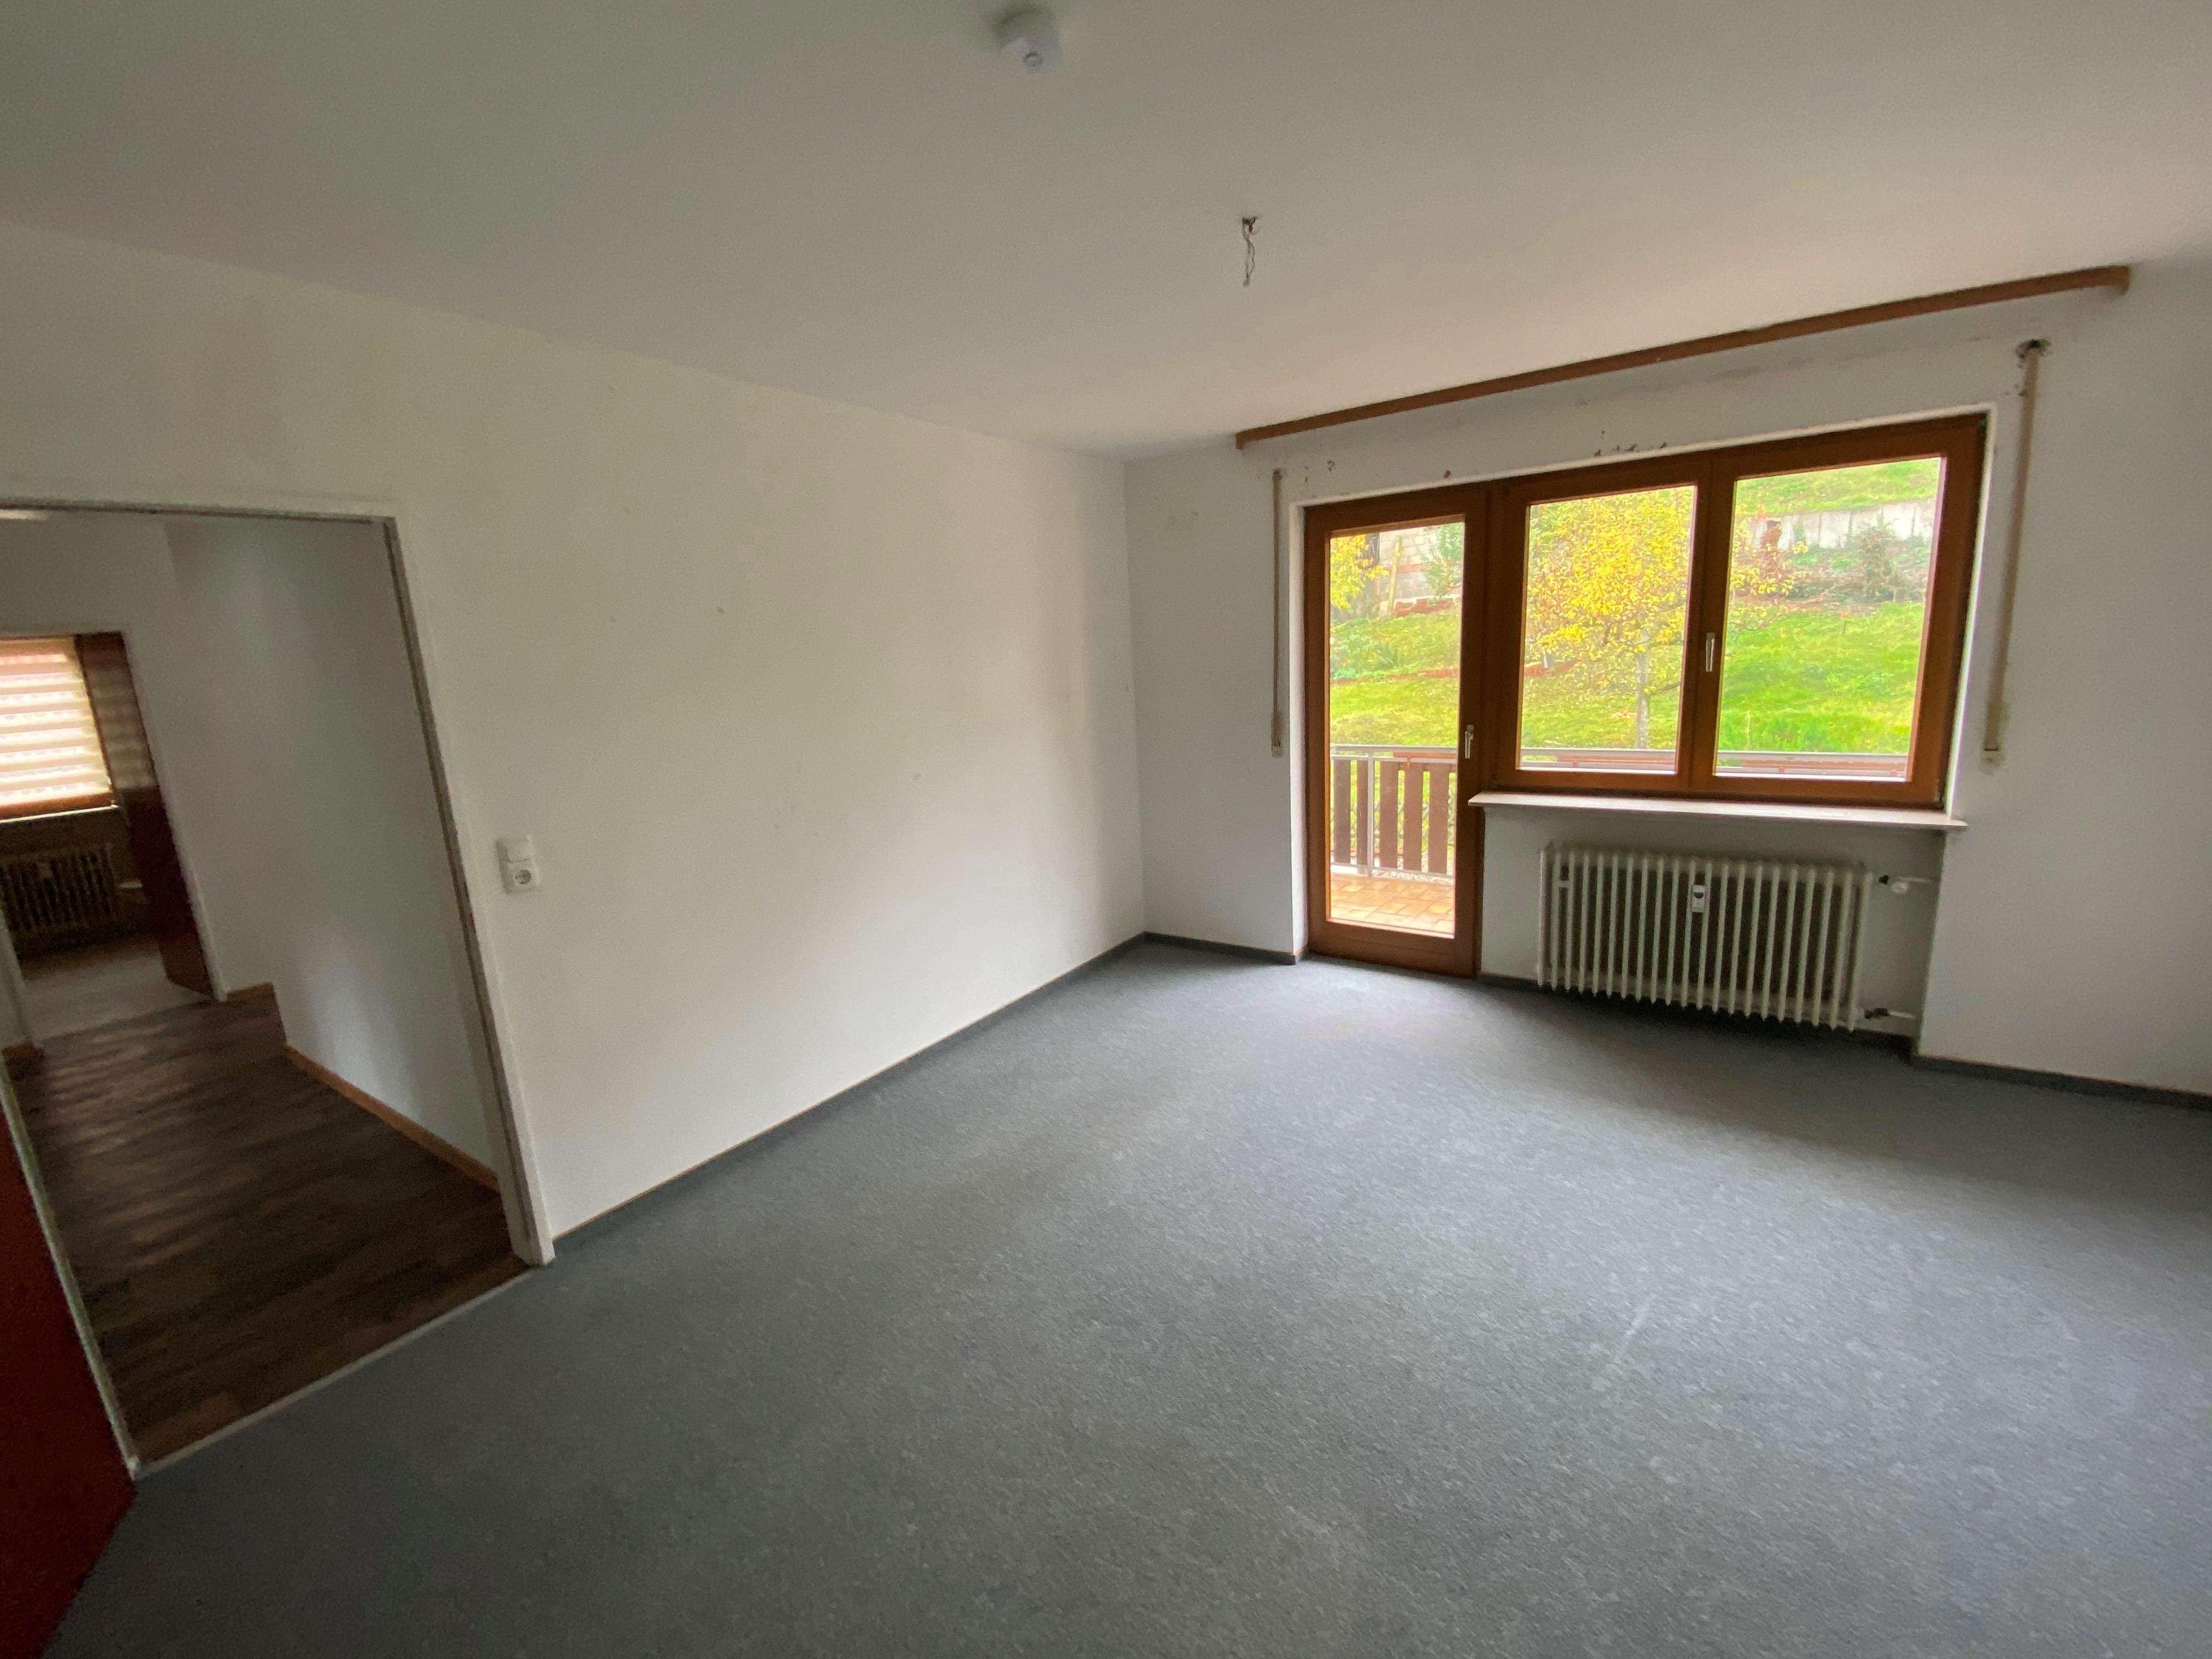 Großzügige 3 Zimmerwohnung im Ortskern von Frammerbach in